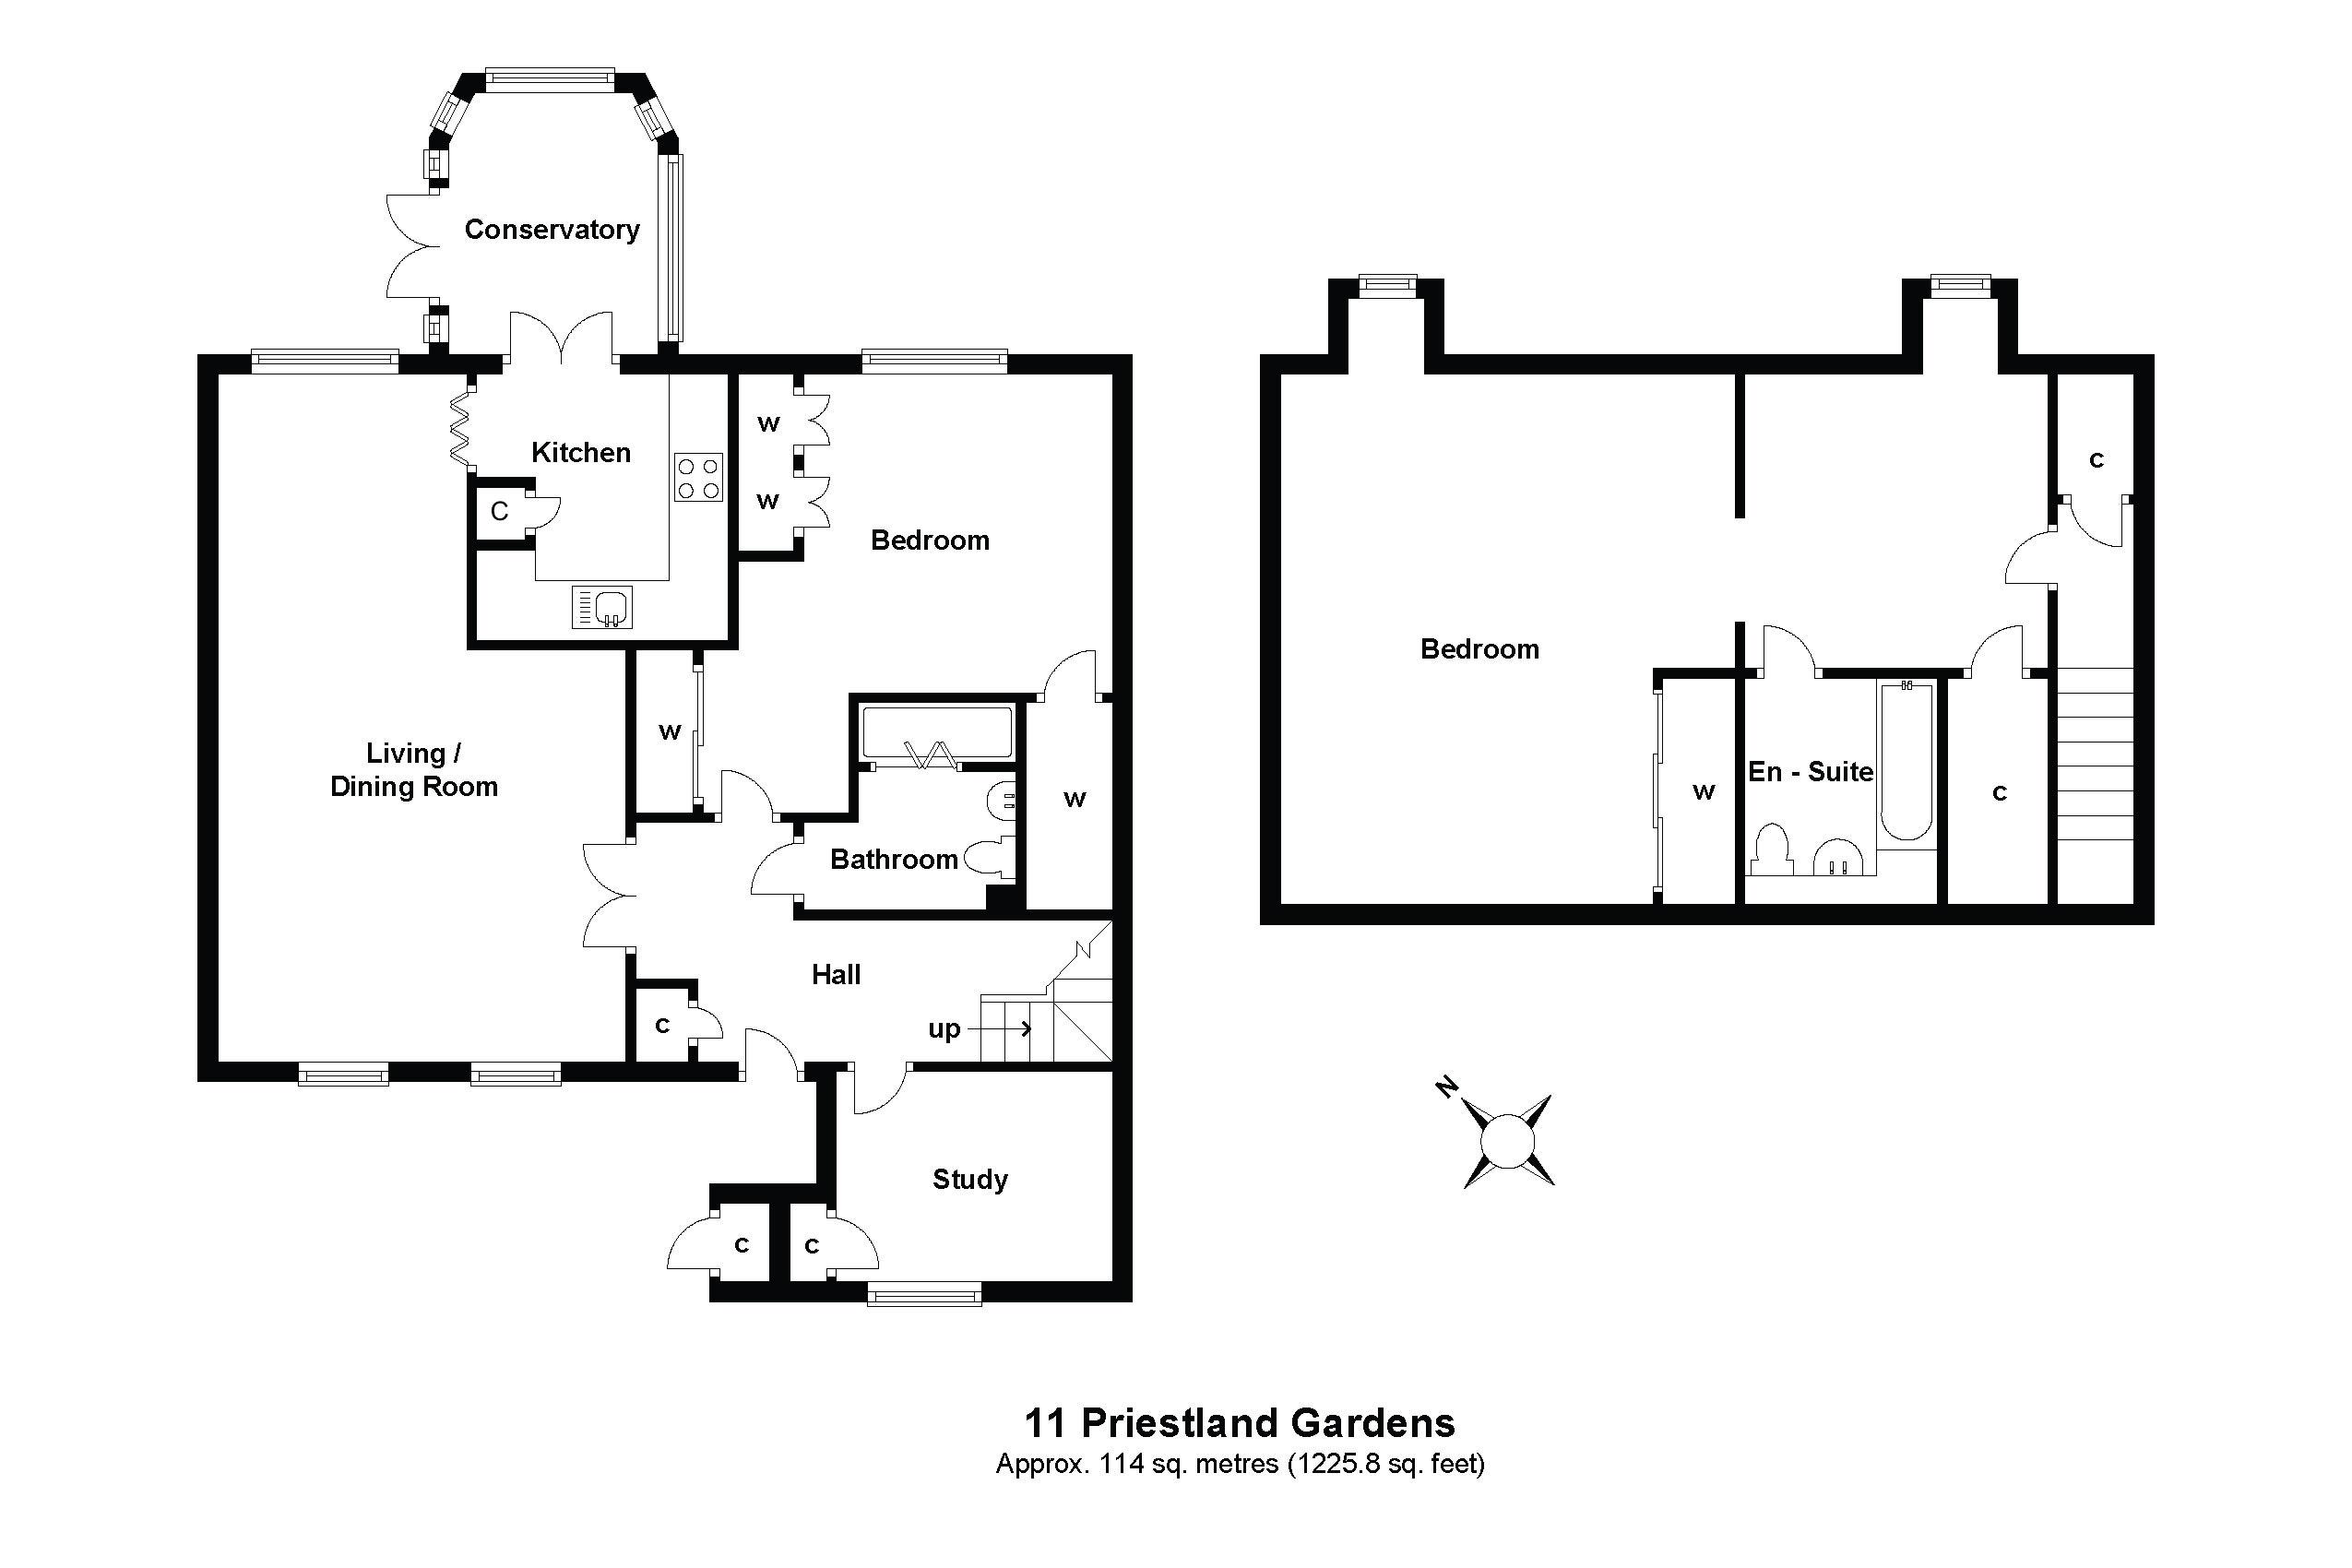 11 Priestland Gardens Floorplan